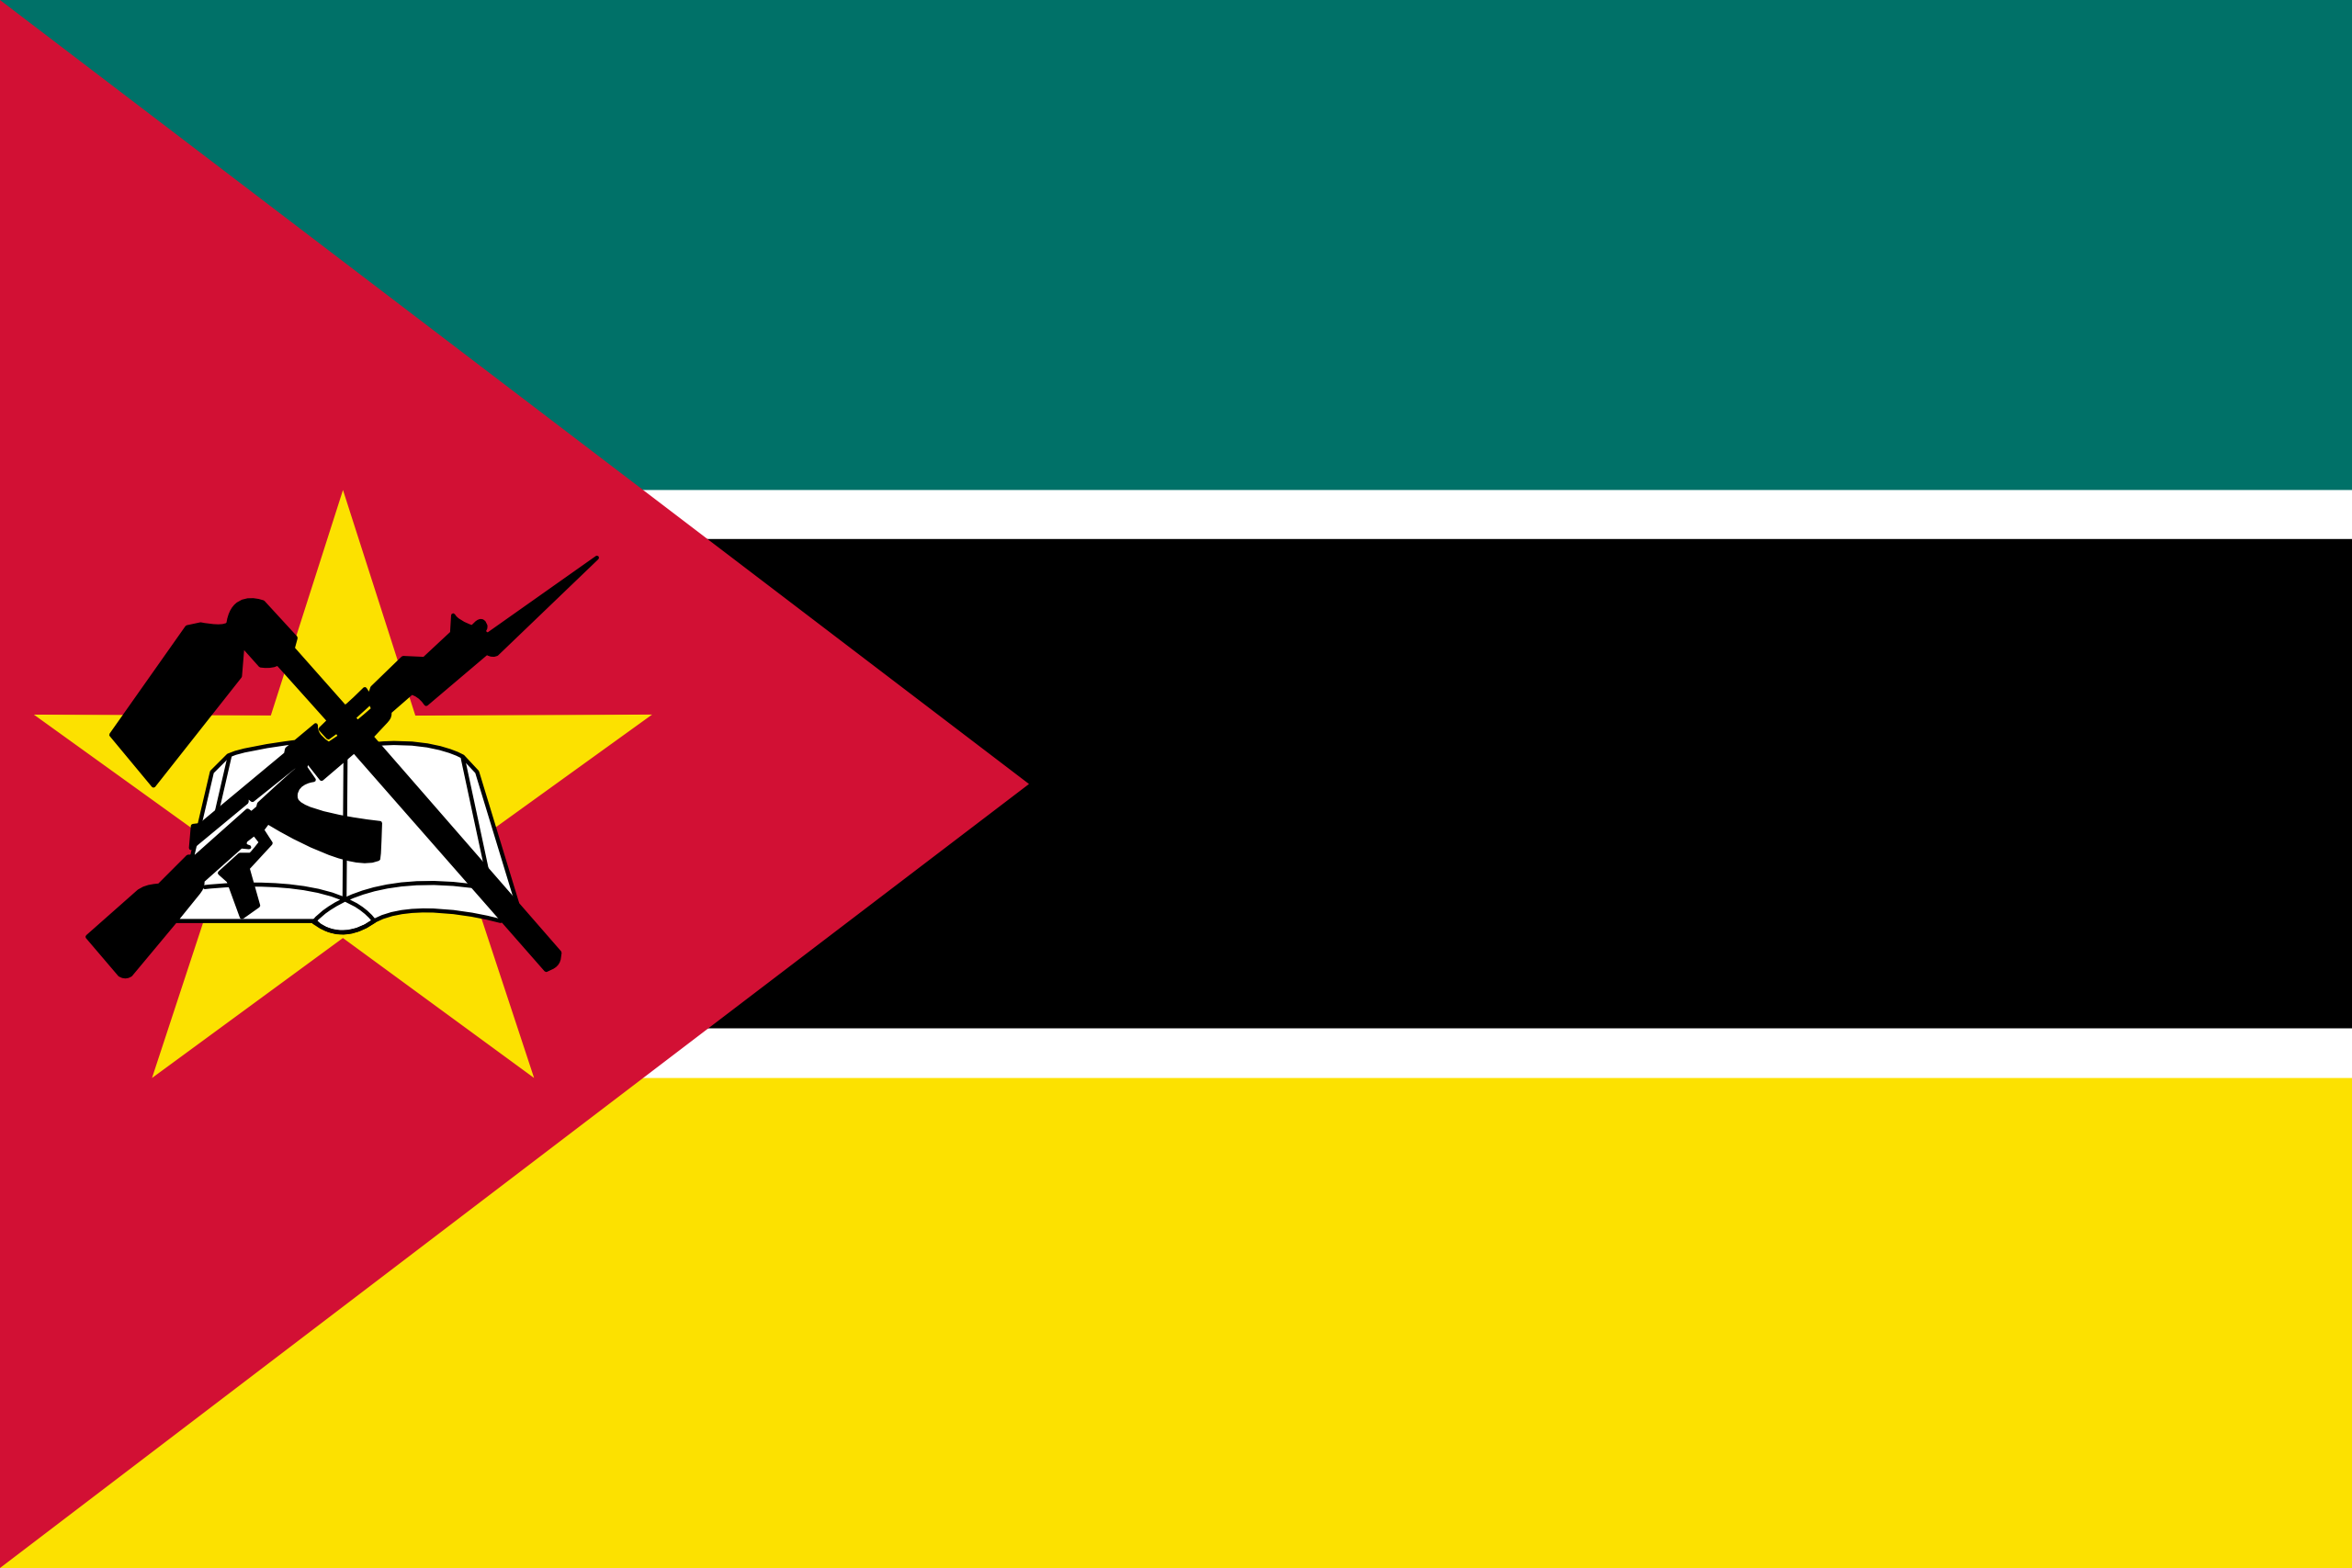 mozambique, страна, Эмблема, логотип, символ - Обои HD - Профессор falken.com